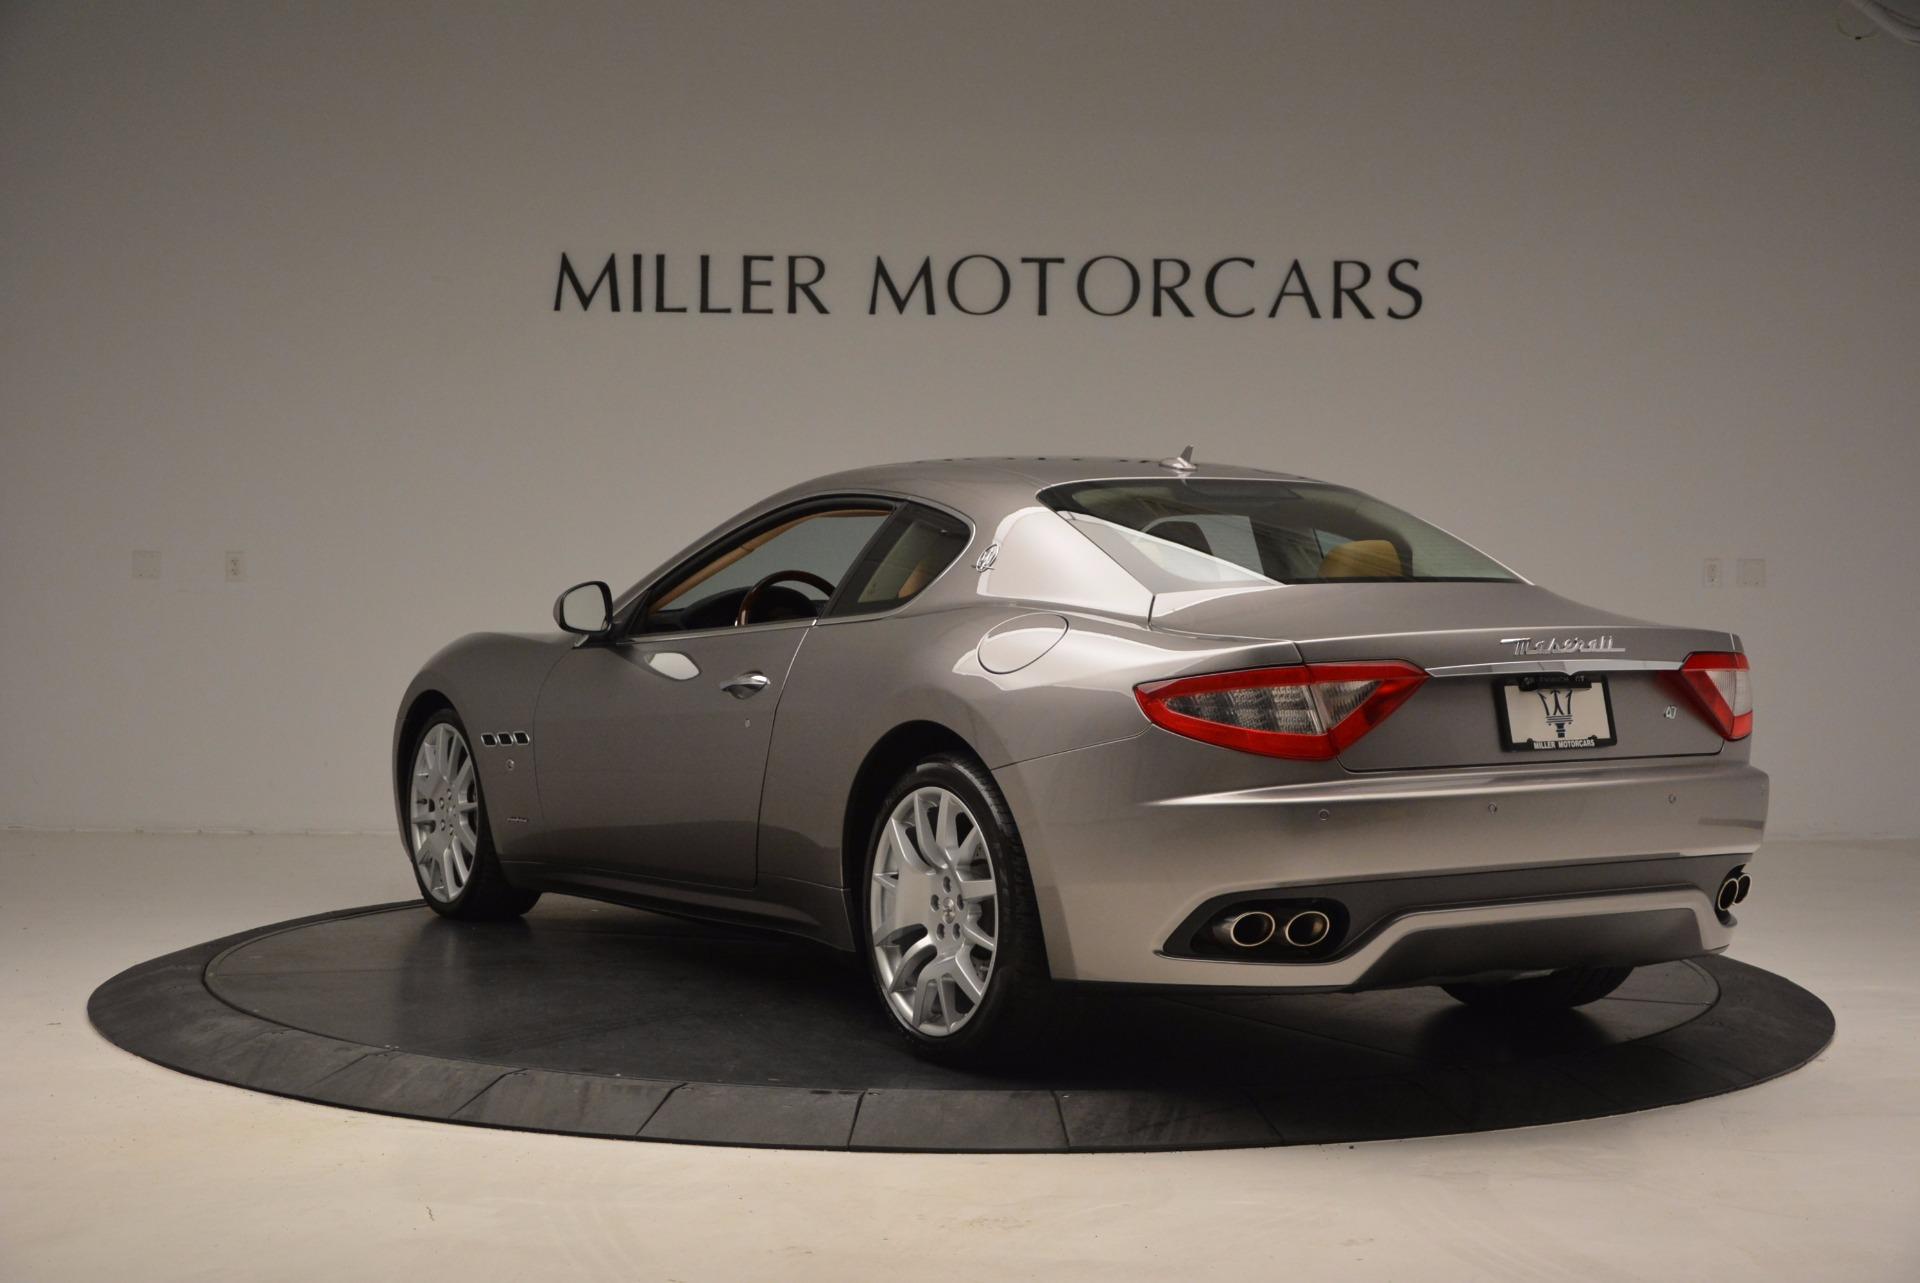 Used 2009 Maserati GranTurismo S For Sale In Westport, CT 1063_p5